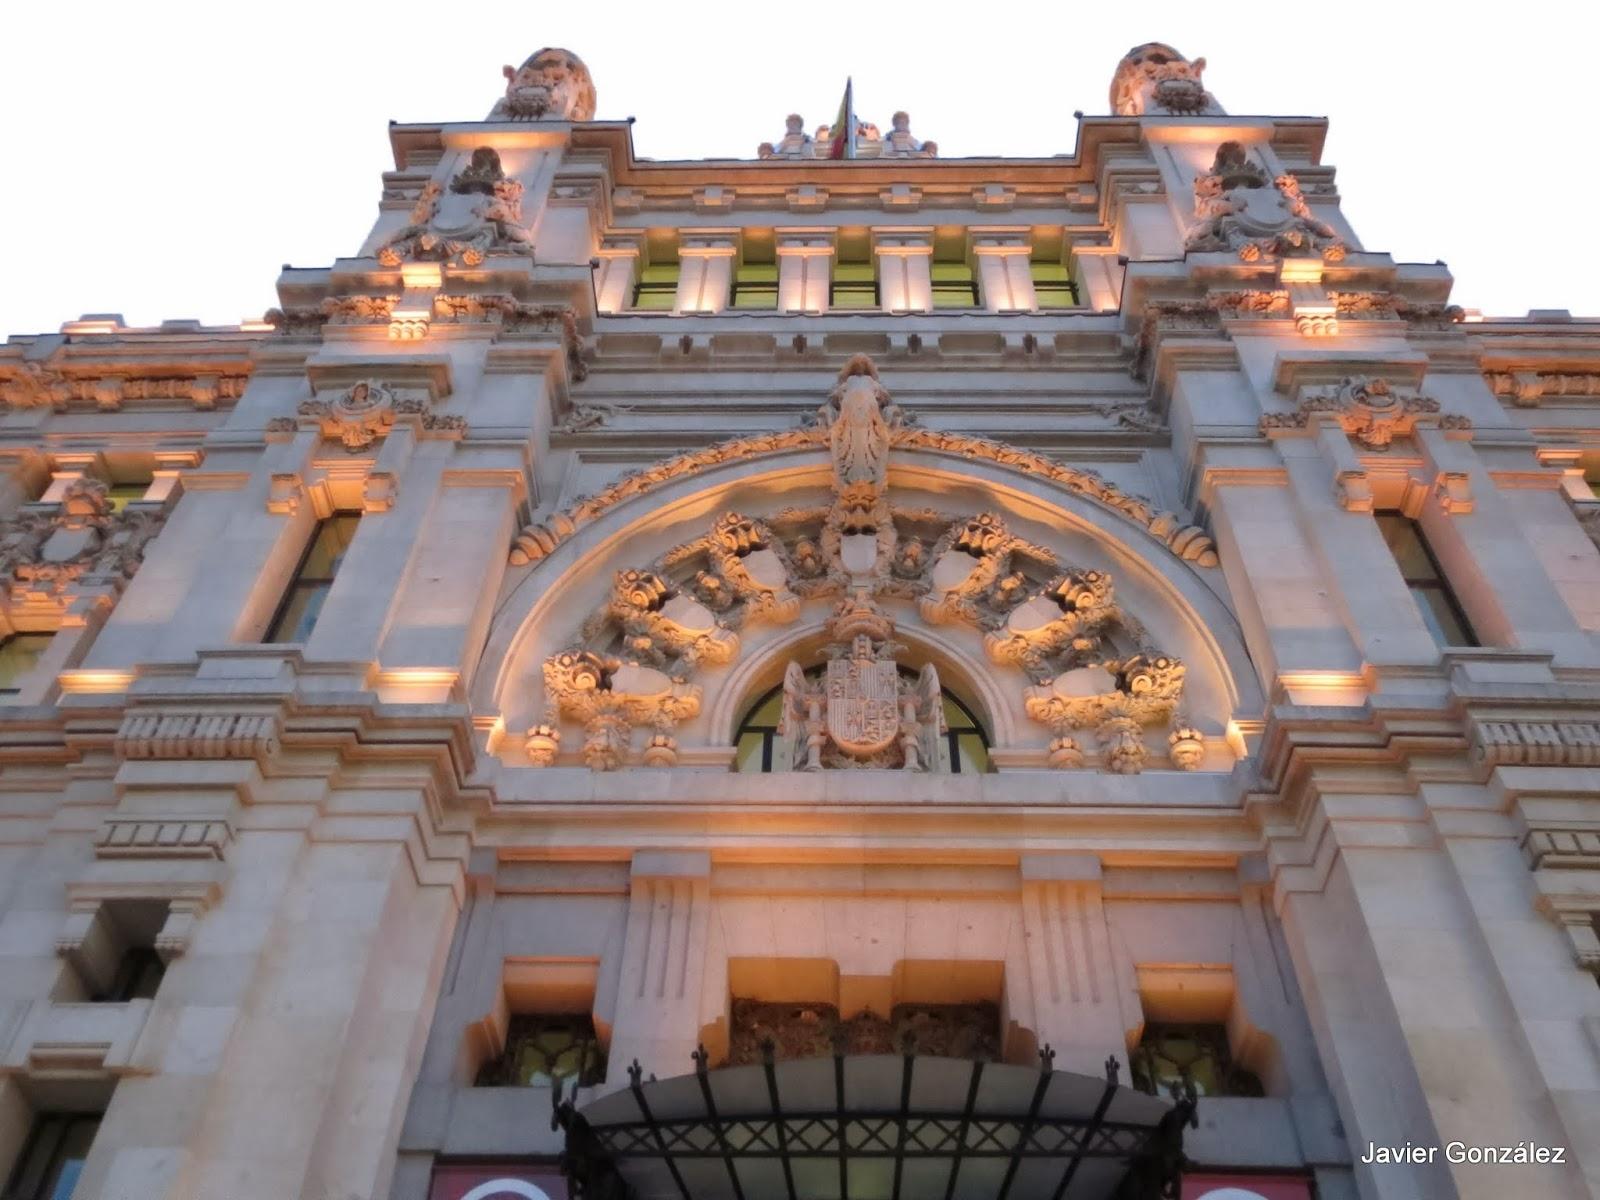 Antonio Palacios. Palacio de Correos. Palacio de Cibeles